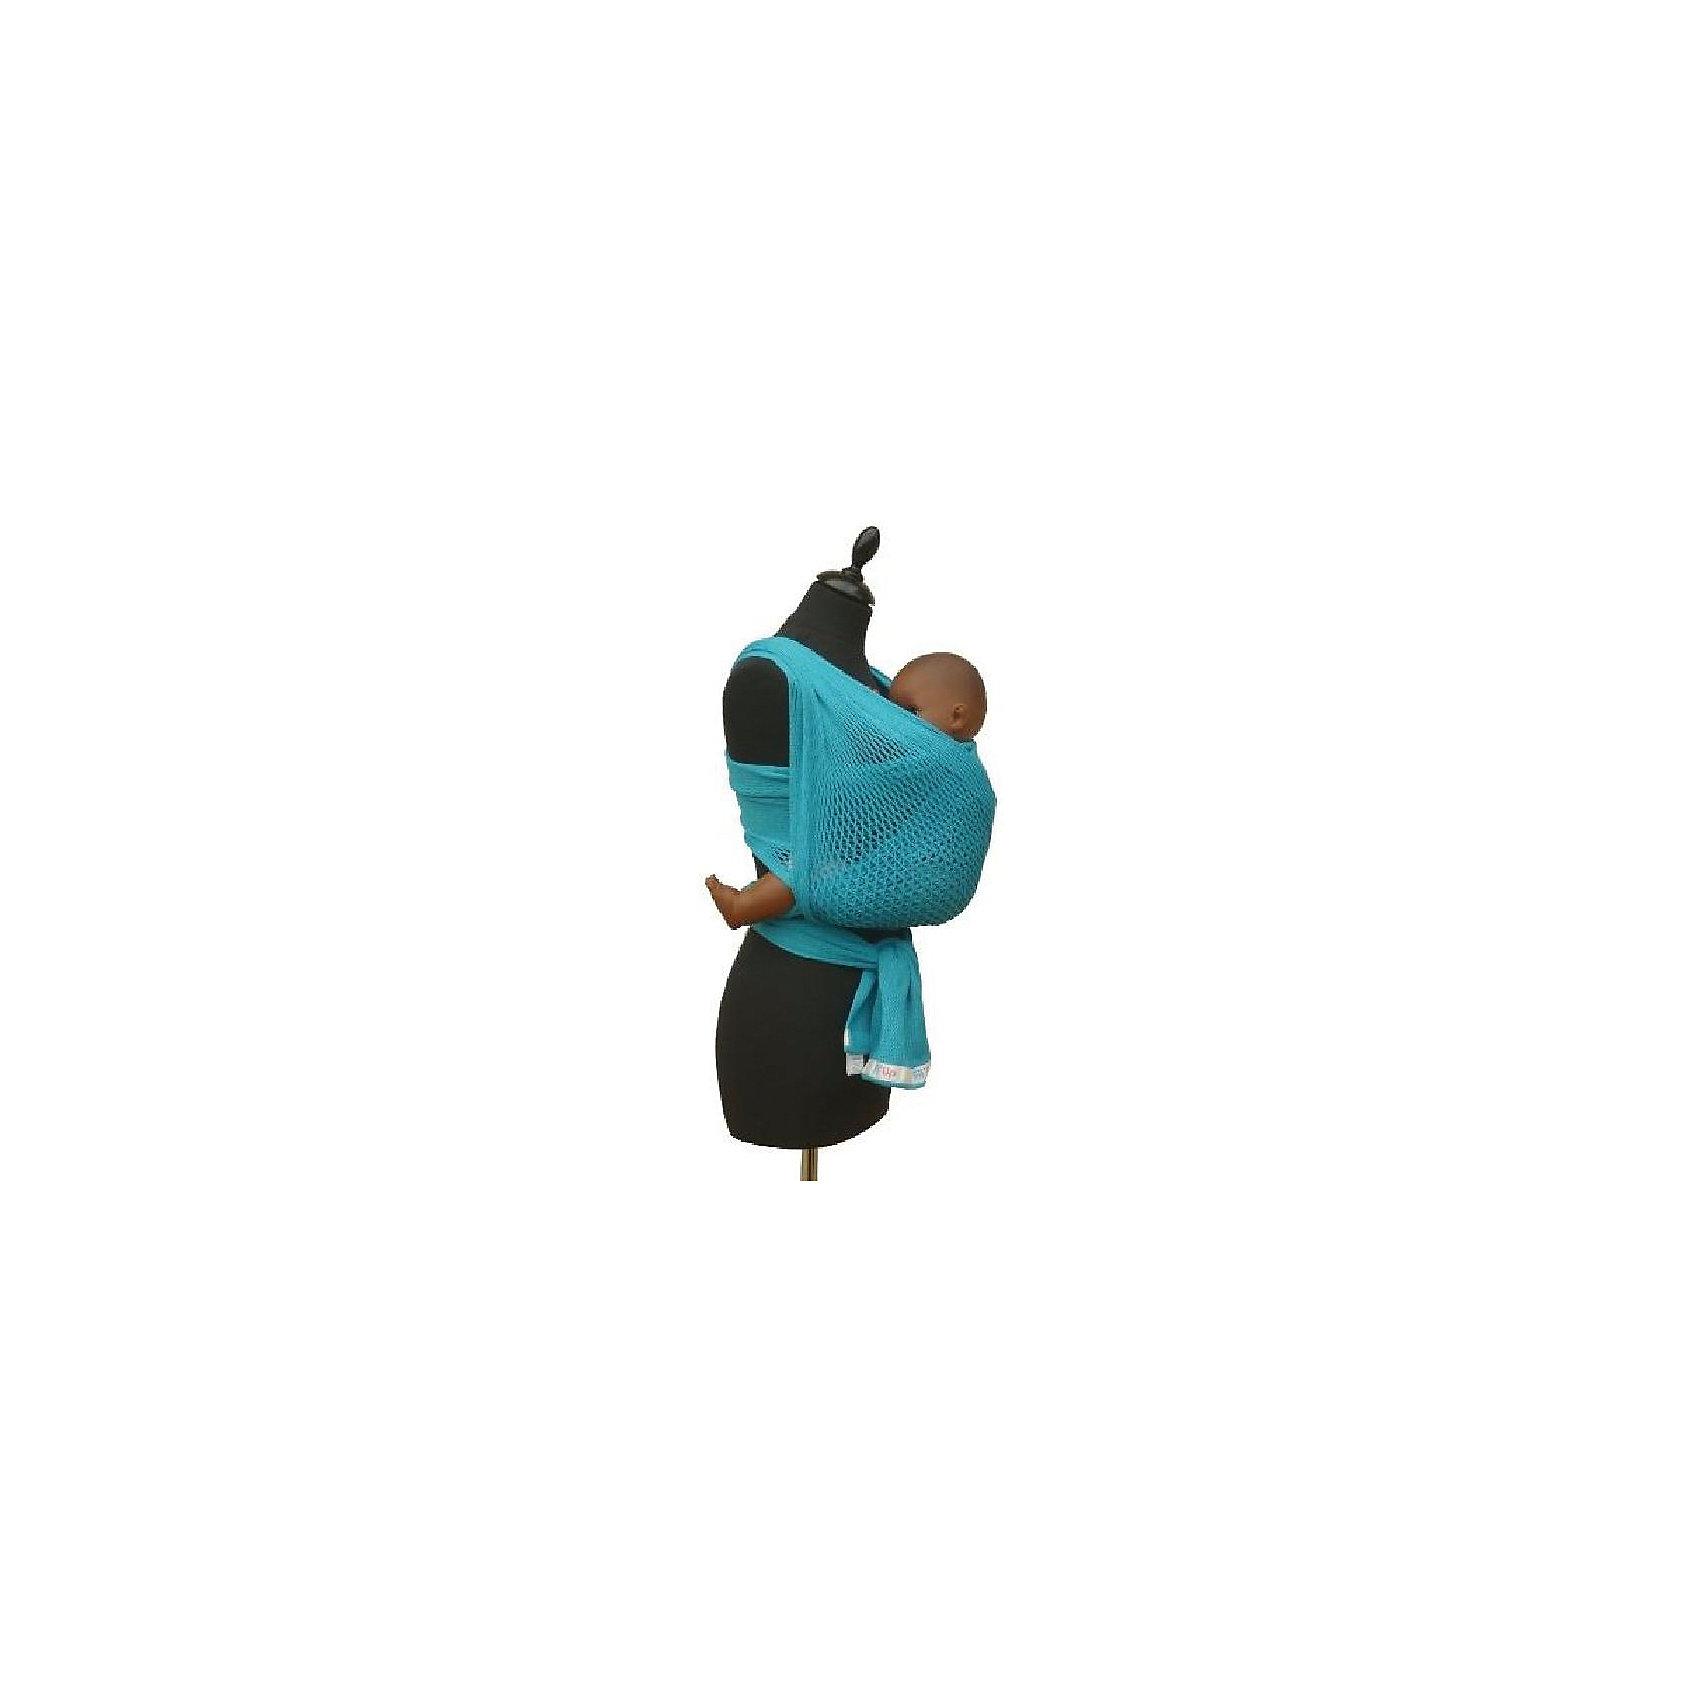 Слинг-шарф из хлопка плетеный размер s-m, Филап, Filt, синийСлинги и рюкзаки-переноски<br>Характеристики:<br><br>• разработан совместно с врачами-ортопедами;<br>• обеспечивает оптимальную поддержку ребенка;<br>• легко наматывается;<br>• два способа намотки: «простой крест» и «двойной крест»;<br>• равномерно распределяет нагрузку на спину;<br>• основное положение: лицом к маме;<br>• подходит для автоматической стирки при температуре 30 градусов;<br>• сумочка в комплекте;<br>• цвет: синий<br>• материал: хлопок;<br>• возраст ребенка: 3 месяца-2 года (до 15 кг);<br>• размер слинга: 4,4х0,5 м;<br>• размер упаковки: 24х26х7 см;<br>• вес: 430 грамм;<br>• страна бренда: Франция.<br><br>Слинг-шарф FilUp изготовлен из натурального хлопка сетчатого плетения и окрашен нетоксичными красителями. Плетеный материал защитит ребенка и маму от жары. В зимнее время вы сможете одеть ребенка привычным образом, а слинг предотвратит перегревание. Хлопок приятен телу, не вызывает аллергии.<br><br>Основное положение ребенка в слинге - лицом к маме. Кроме этого, возможно положение на боку и за спиной.  Слинг легко надевается и вытягивается при необходимости. <br><br>Слинг-шарф равномерно распределяет нагрузку на спину, чтобы вы могли носить малыша с комфортом. Широкая центральная часть шарфа удобна для правильной посадки и фиксации ребенка.  Ножки ребенка будут находиться в положении, необходимом для правильного развития тазобедренных суставов. Узкие концы слинг-шарфа можно завязать так, чтобы они не мешали вам. <br><br>Слинг-шарф FilUp можно стирать в машинке при температуре 30°. Длина полотна - 4,4 метра. Ширина полотна - 0,5 метра. Подходит для детей от 3-4-х месяцев до 1,5-2-х лет (весом до 15 килограммов). В комплект входит сумочка-авоська, которая подойдет для бутылочек, салфеток и прочих необходимых предметов.<br><br>Слинг-шарф из хлопка плетеный размер s-m, Филап, Filt (Филт), синий можно купить в нашем интернет-магазине.<br><br>Ширина мм: 800<br>Глубина мм: 800<br>Высота мм: 50<br>Ве